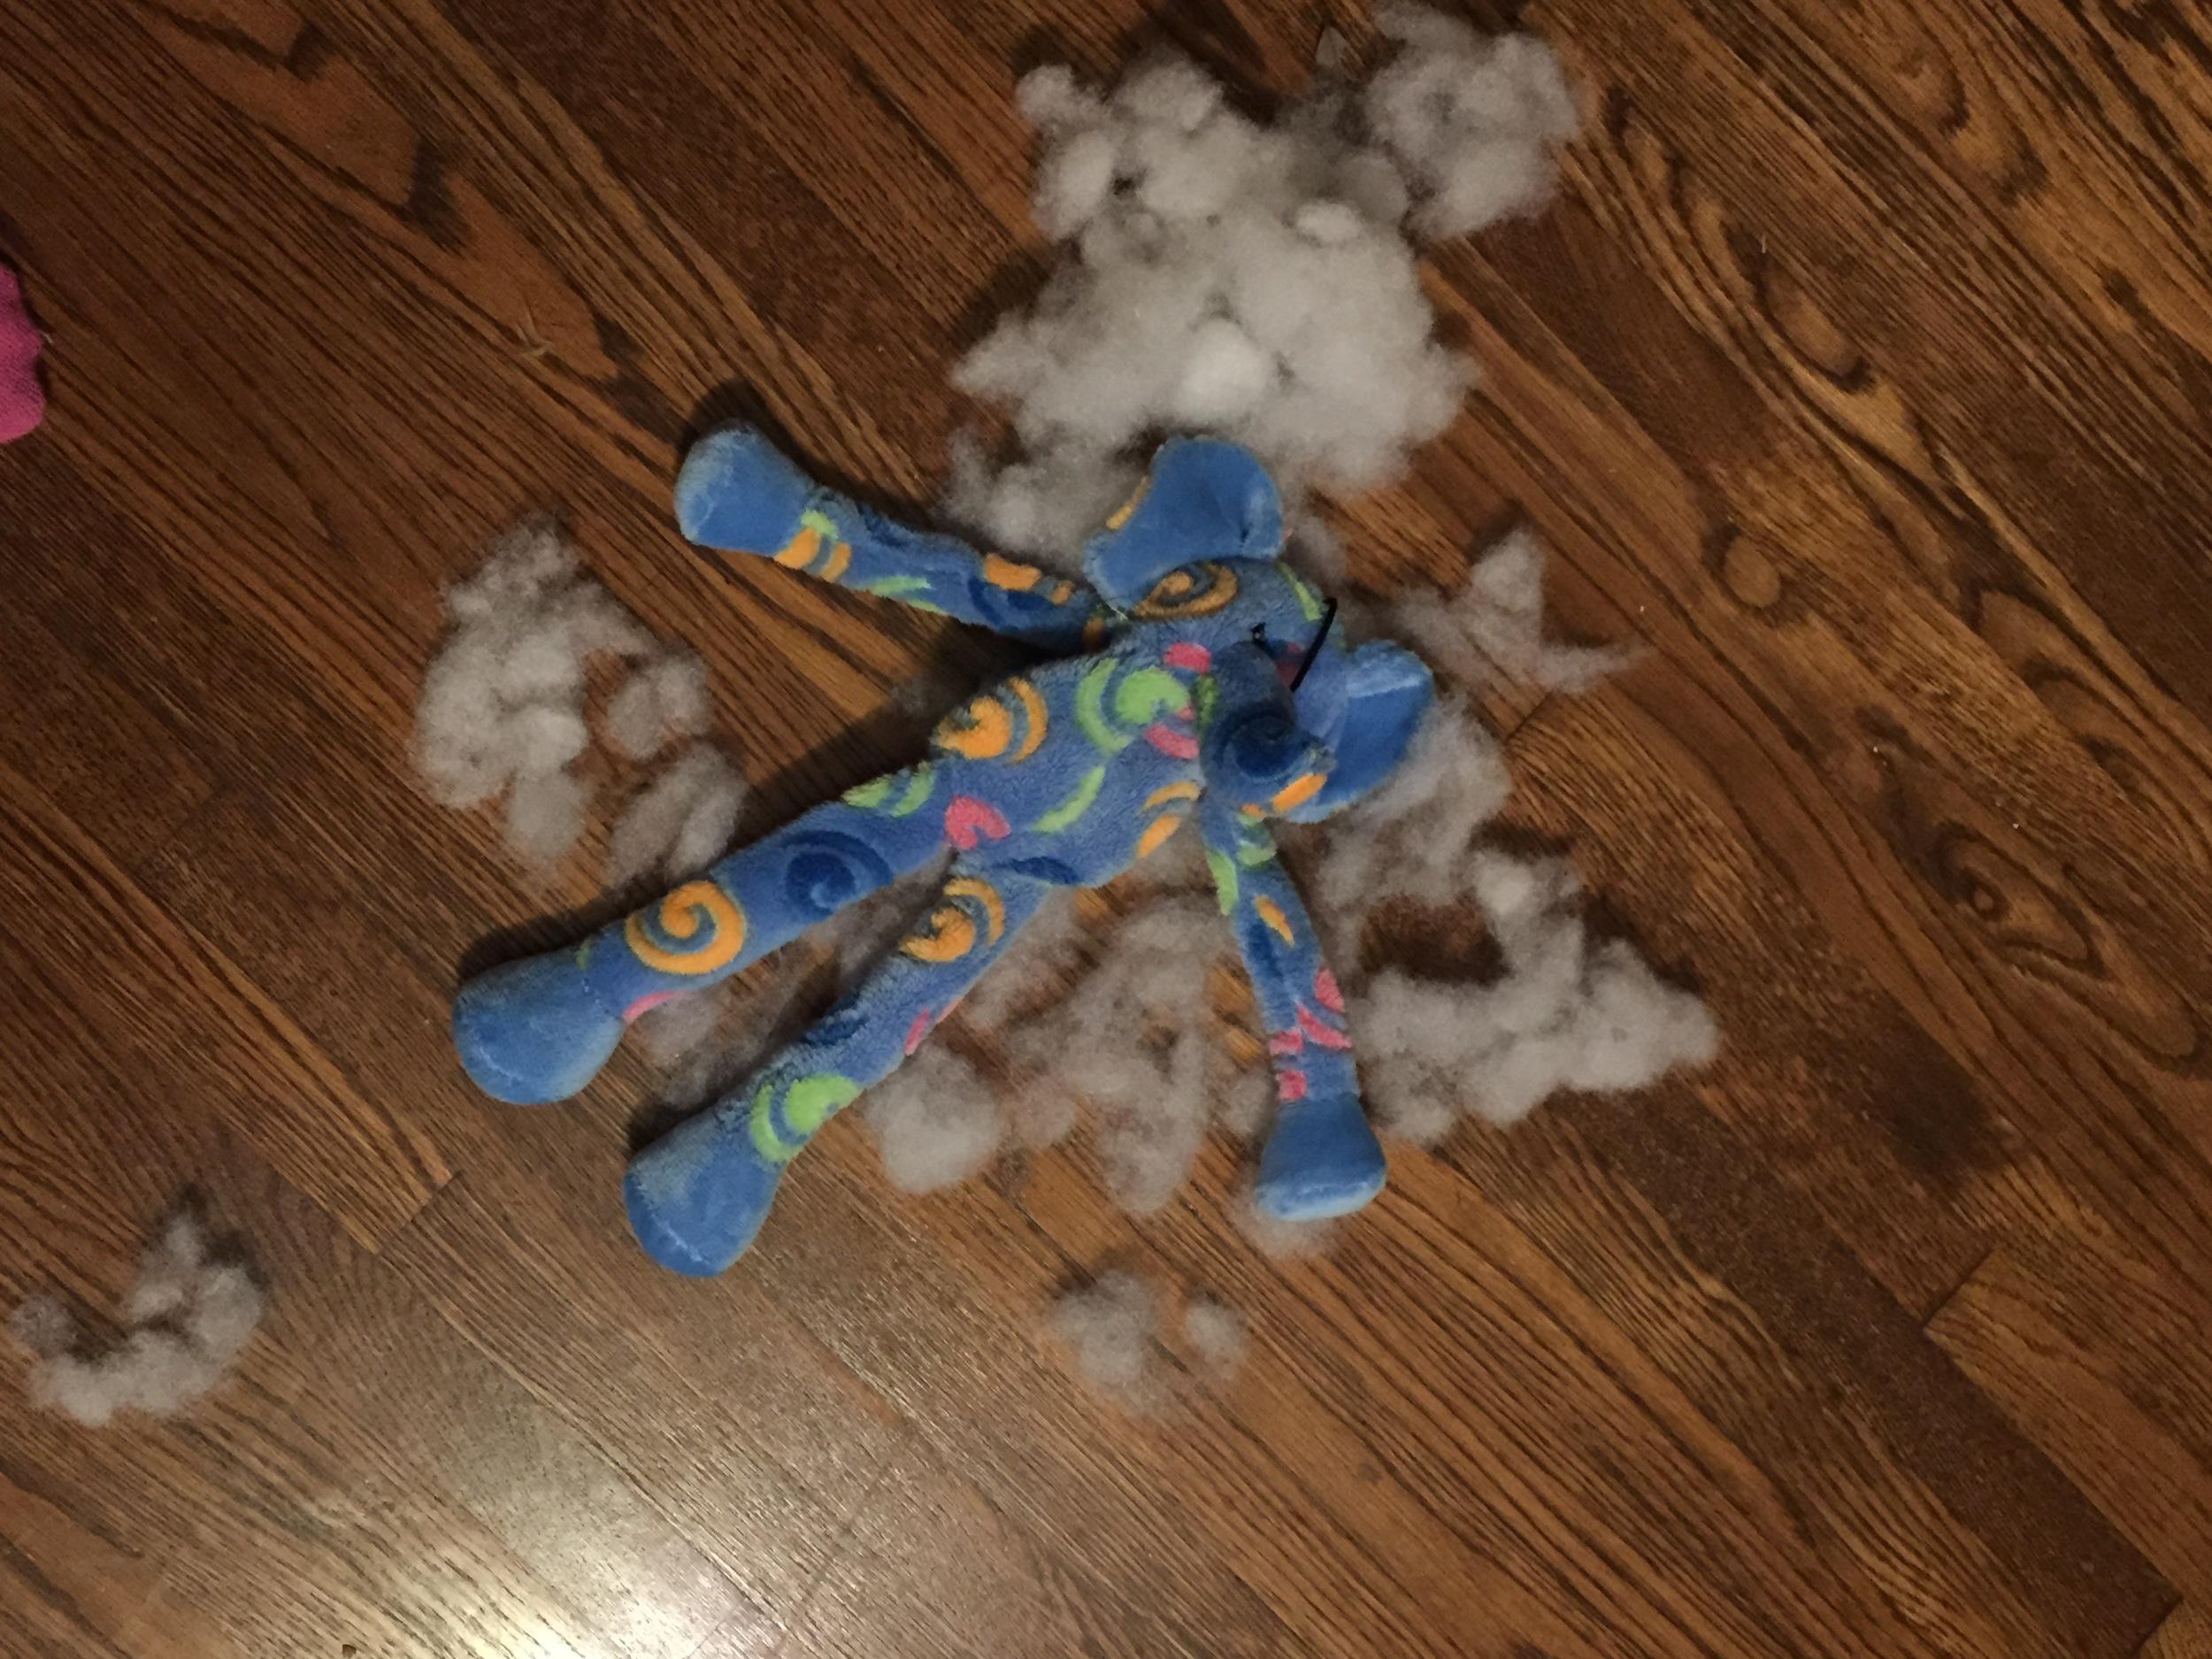 Swanson had a fun Friday night. Mr. Elephant did not.